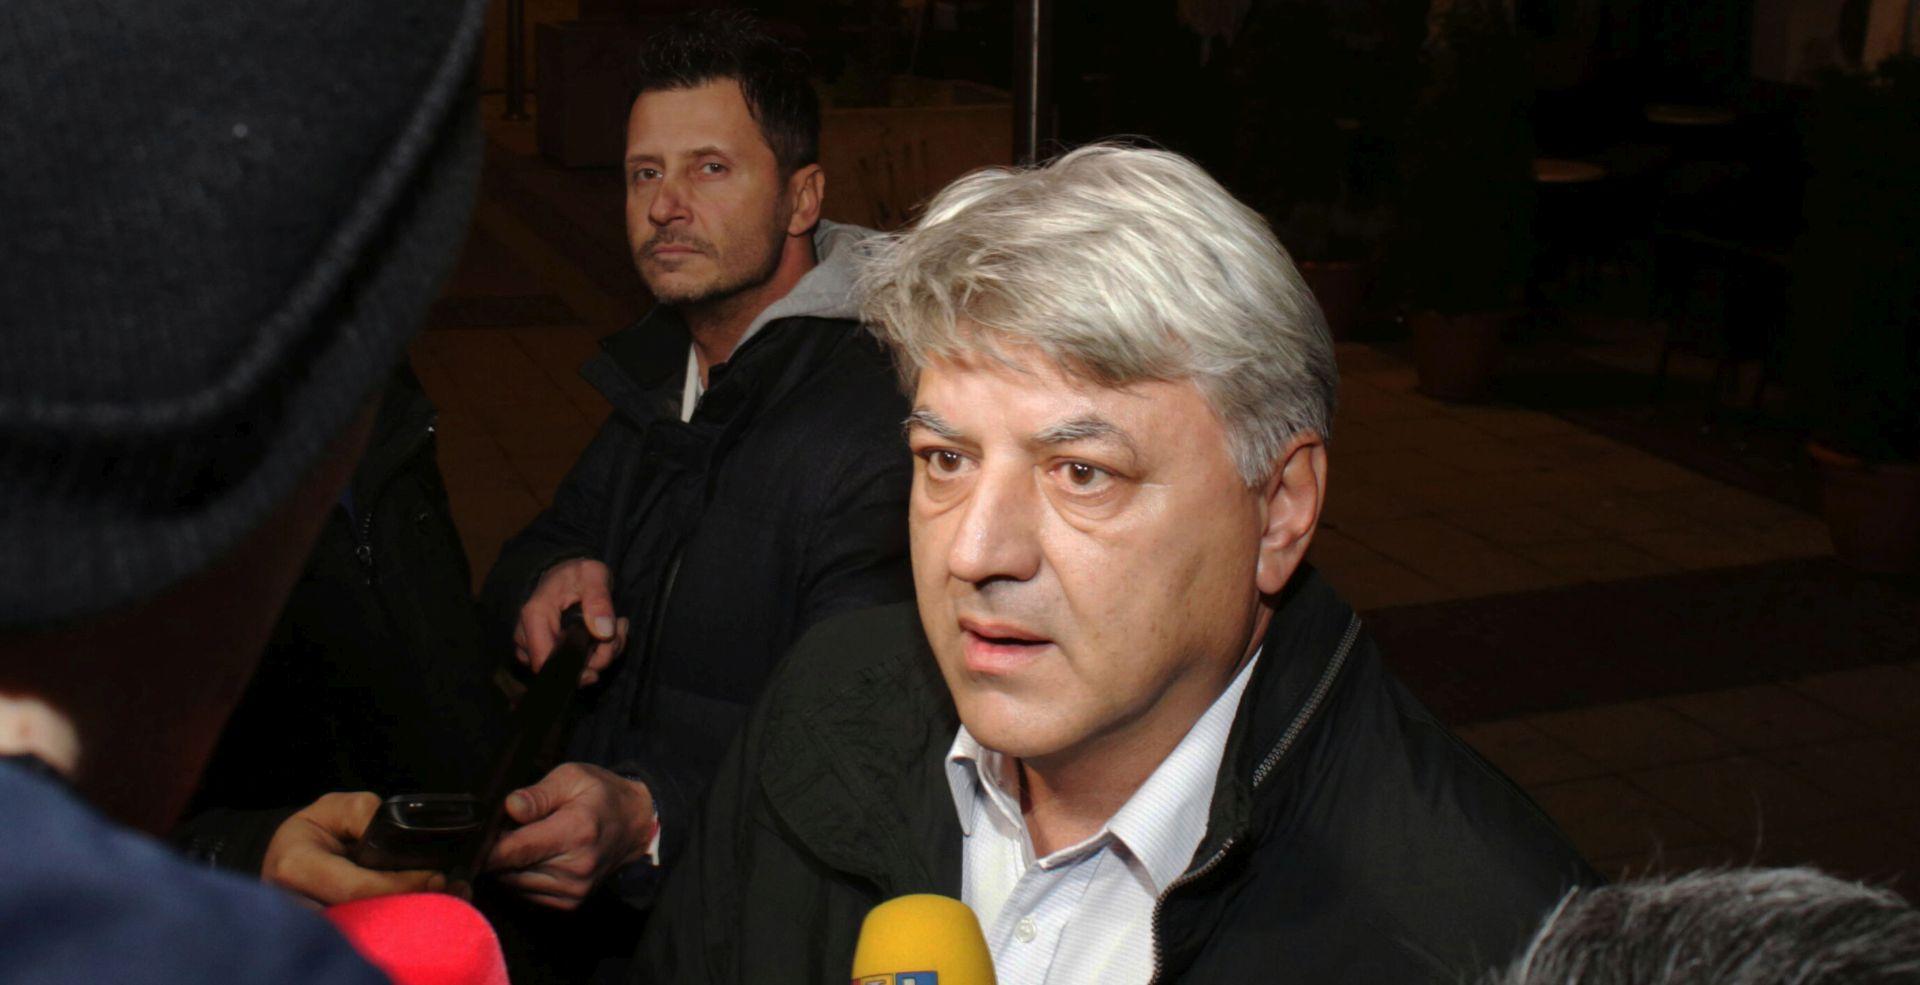 Predsjedništvo SDP-a donijelo odluku, ali ju ne želi otkrivati